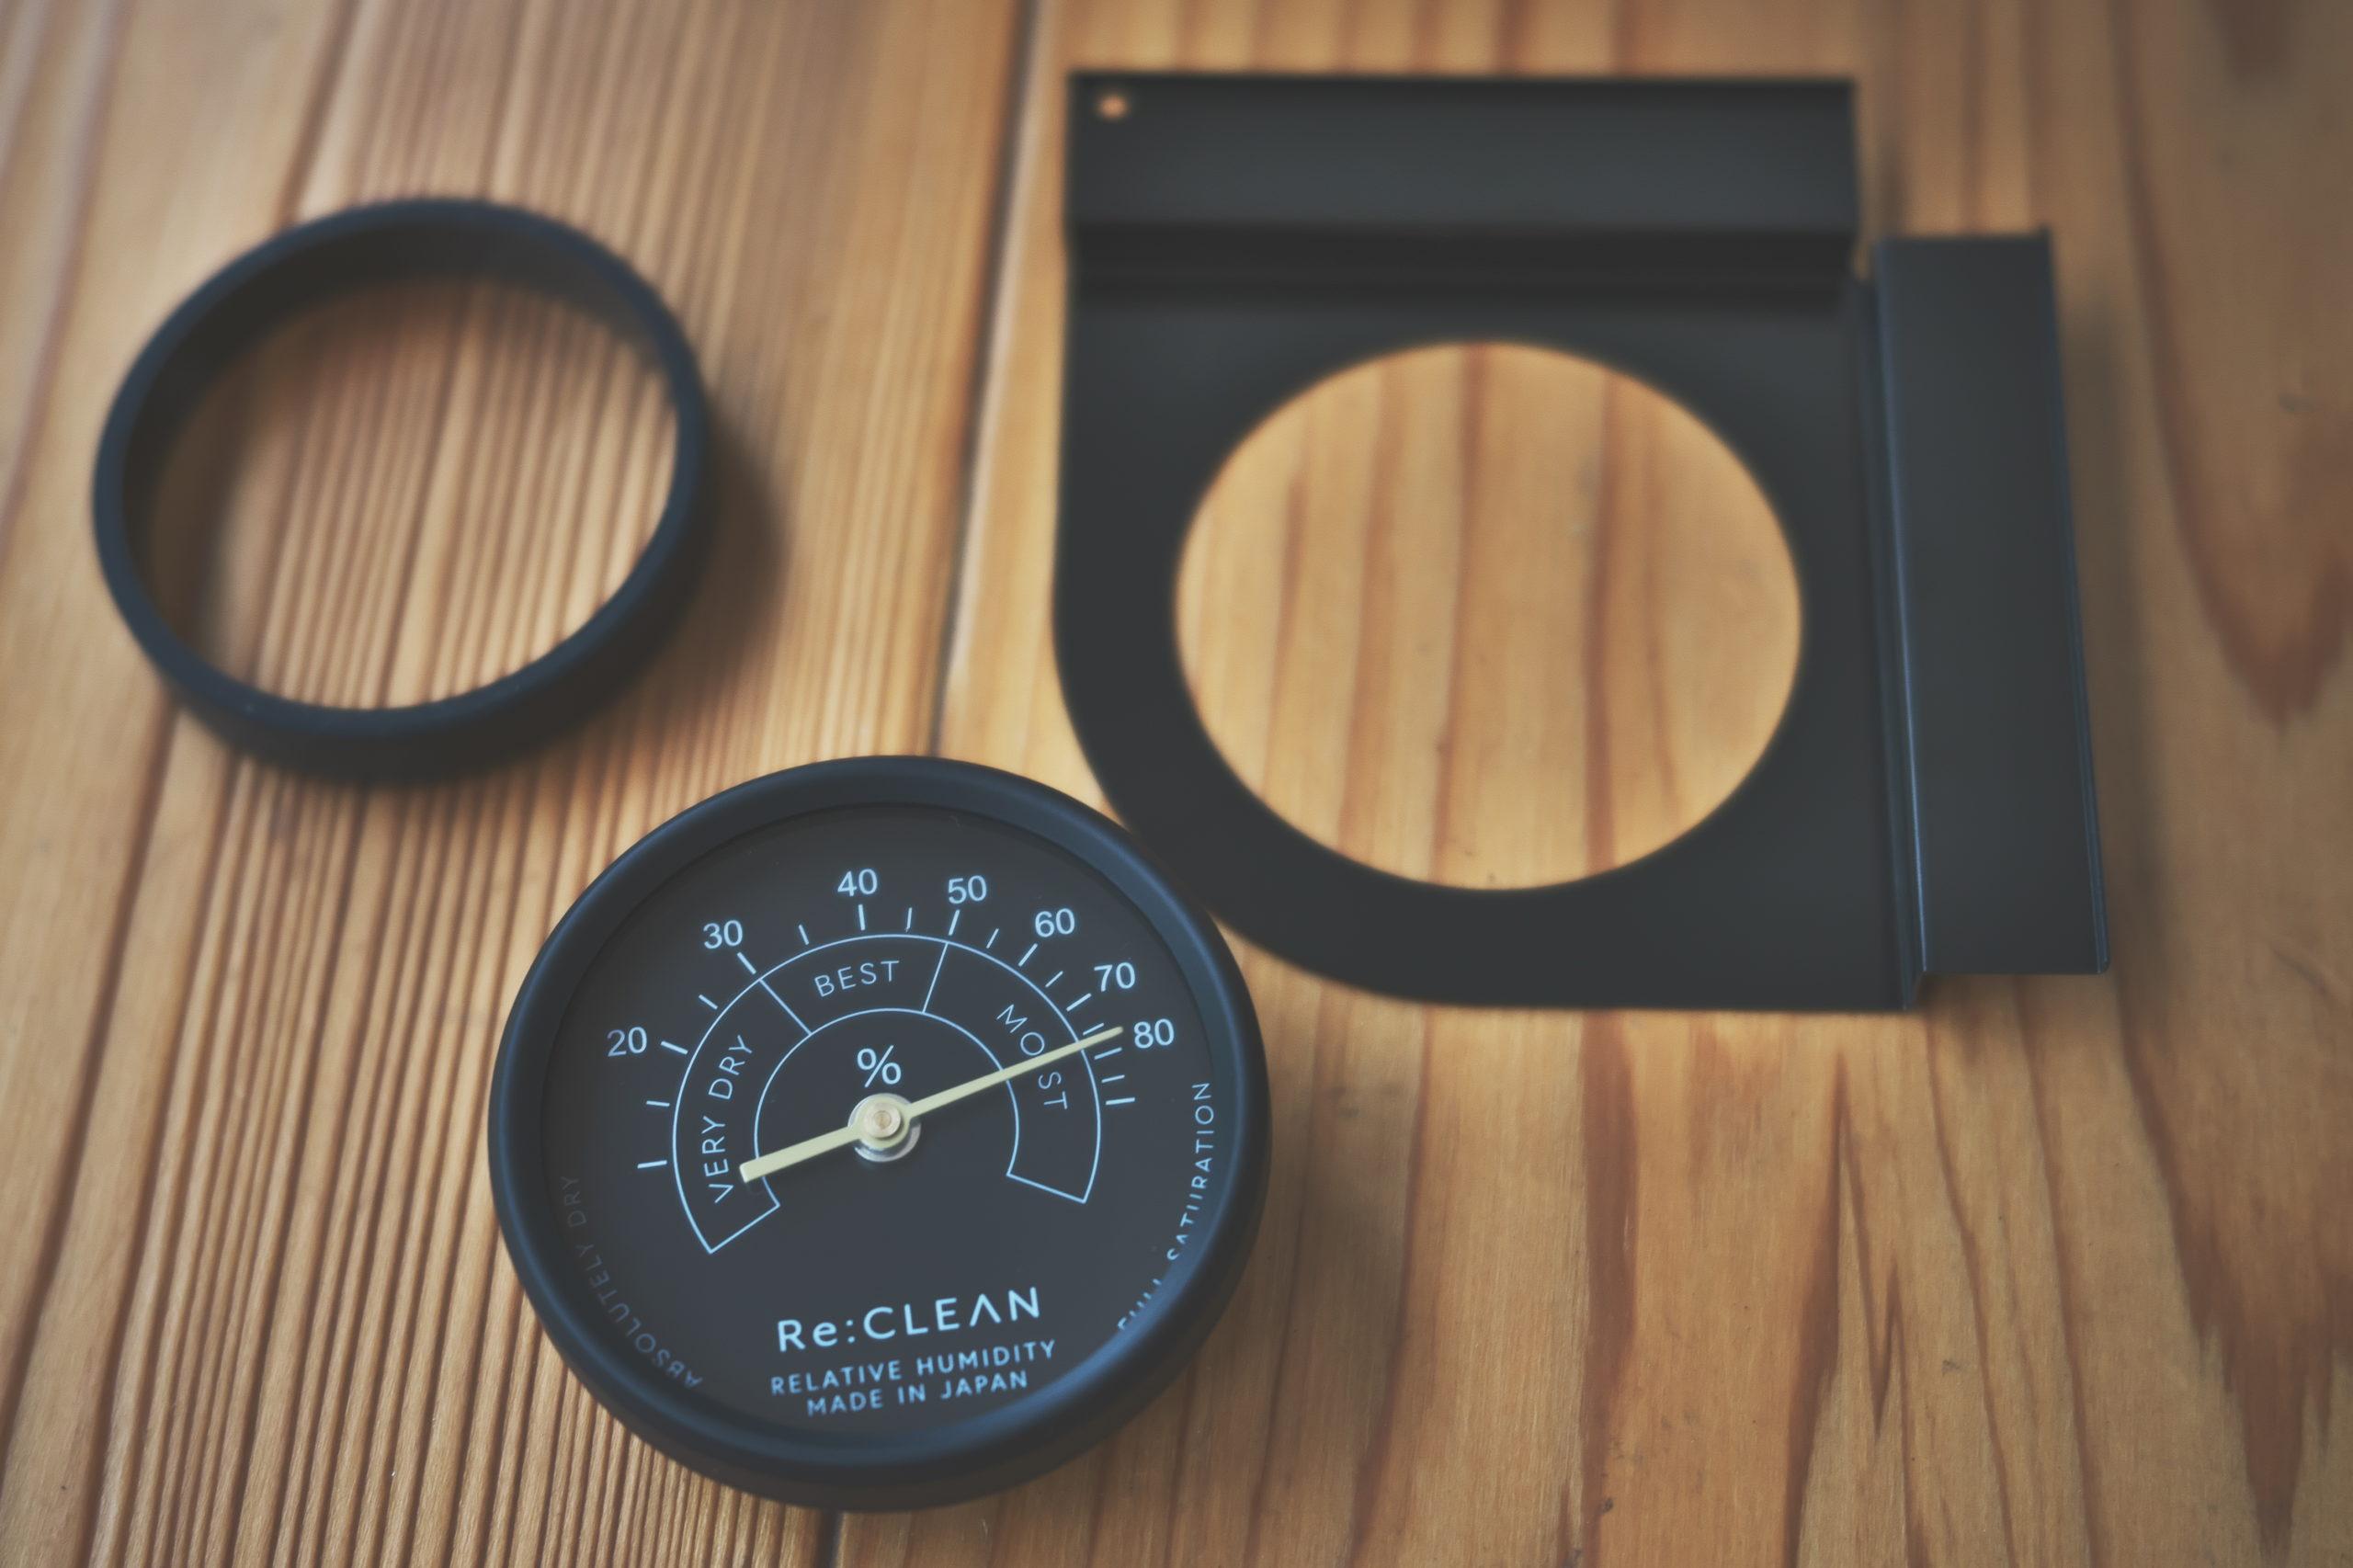 ブラケット/シリコンリング/アナログ湿度計「ReCLEAN」